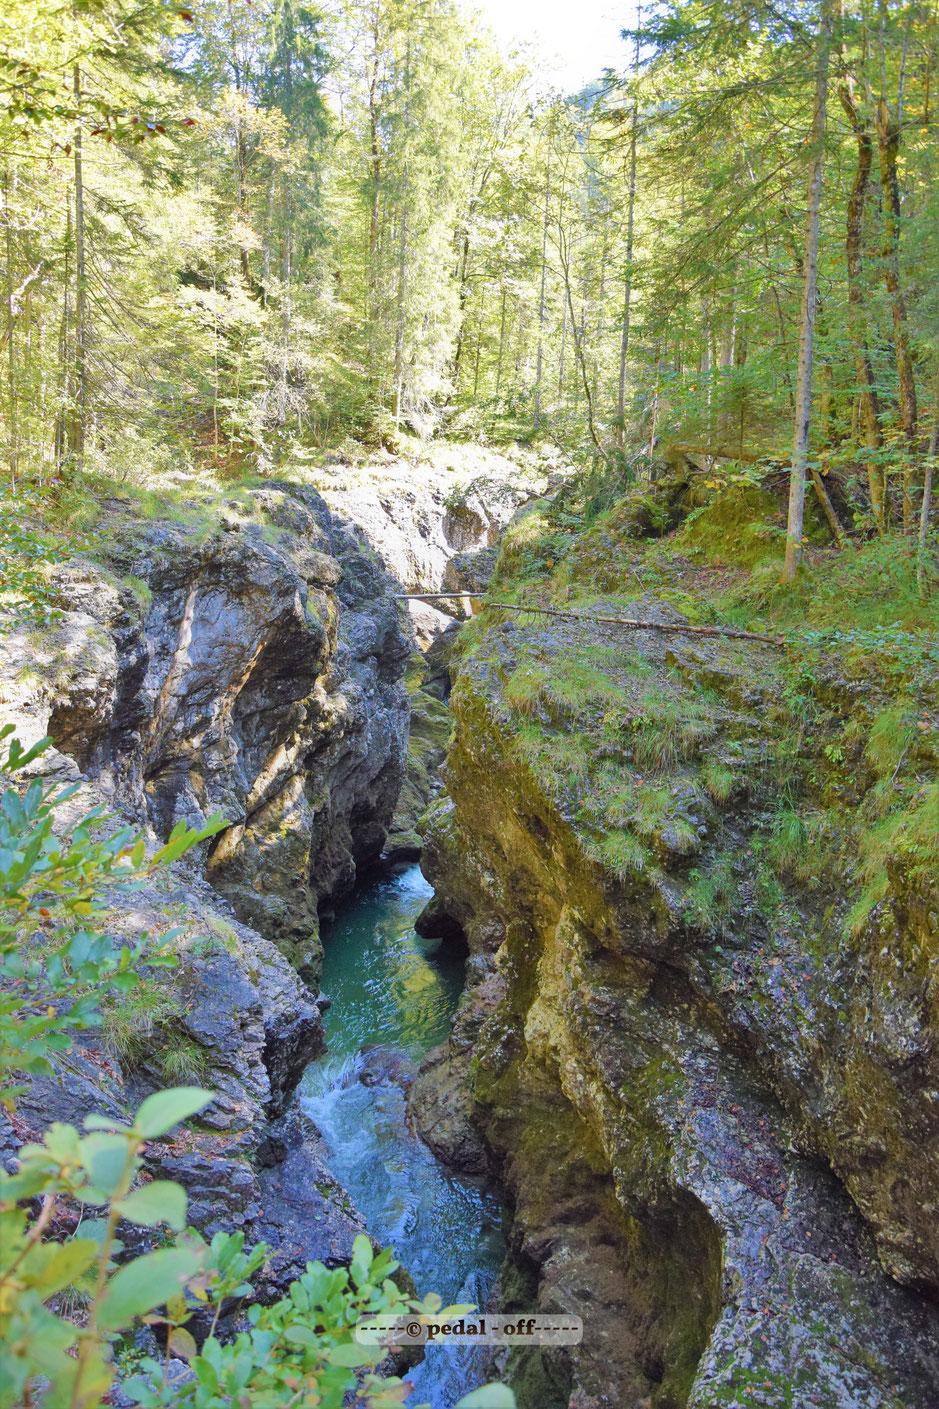 Wasser See Fluss fließend Natur Outdoor Naturfotographie sylvenstein speichersee isar walchen walgau bodeguero steinspiel